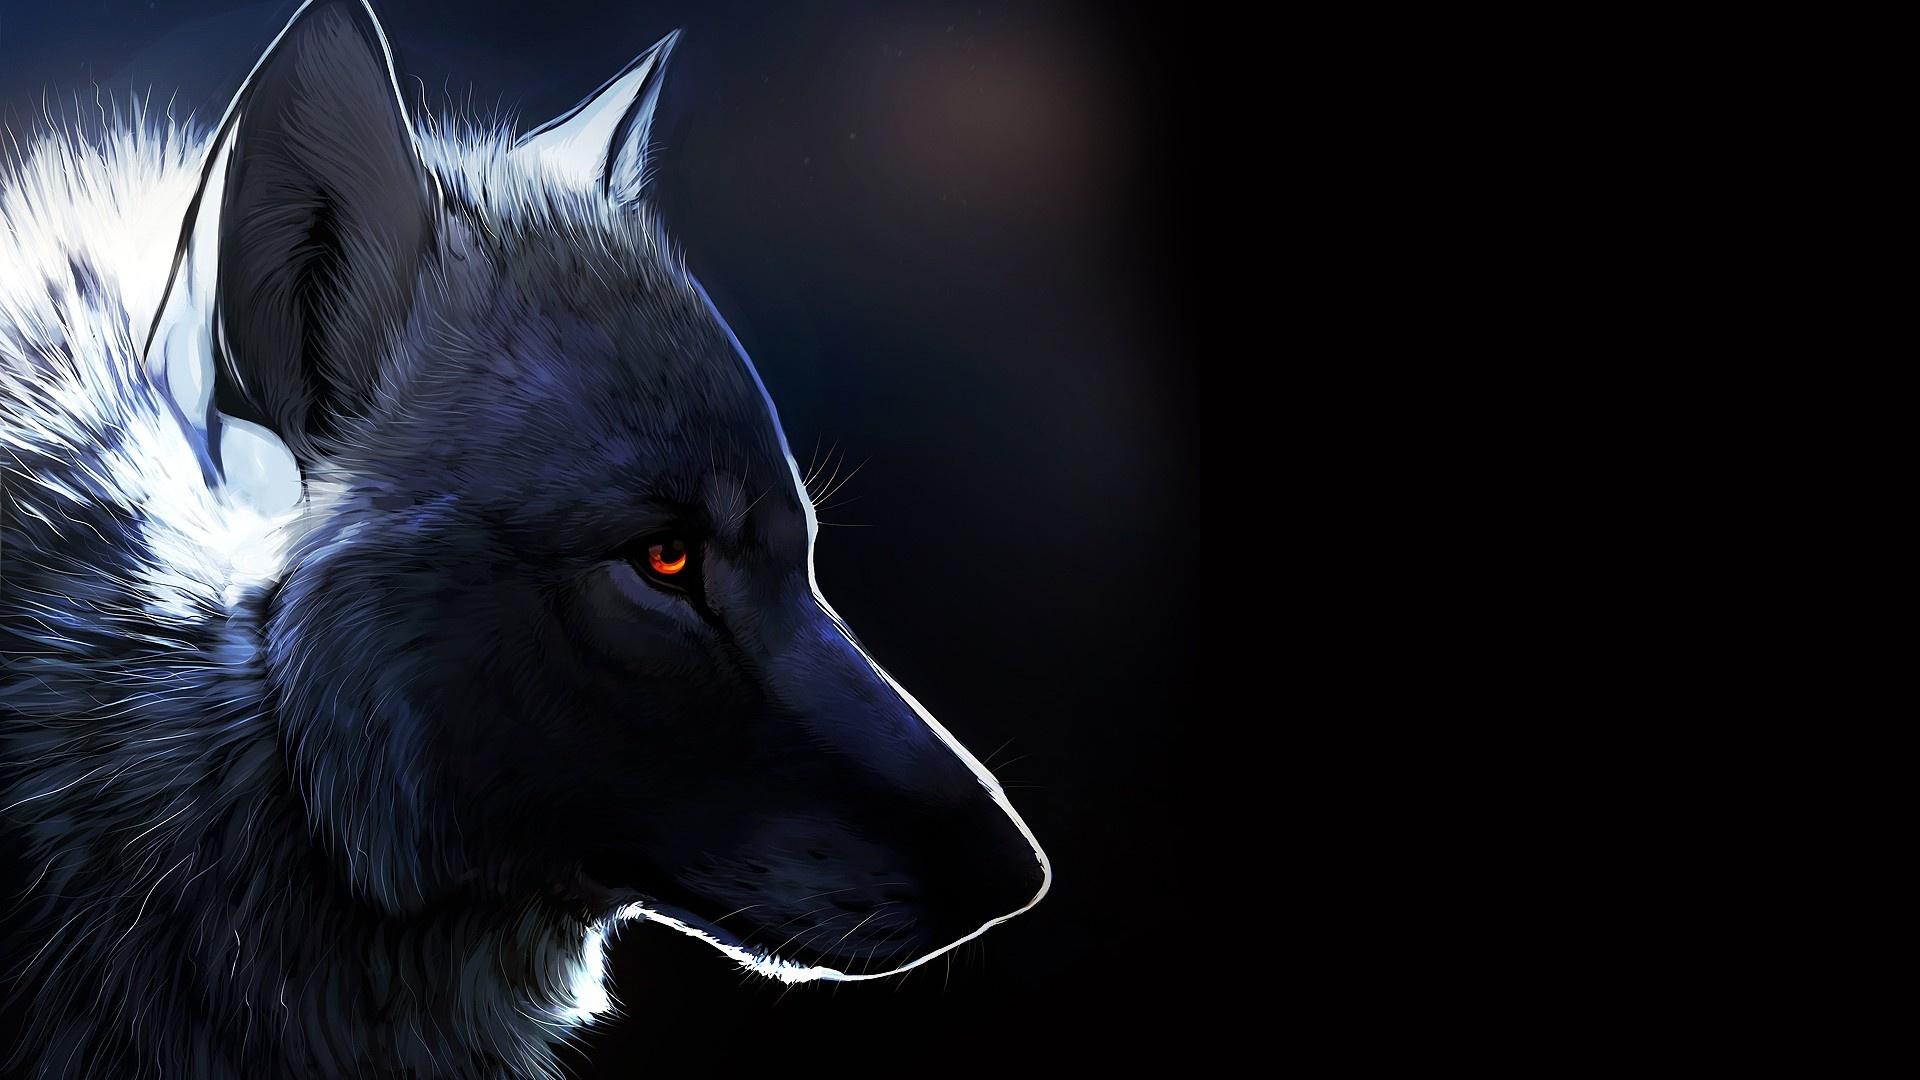 Animals wolf art wallpaper 1920x1080 162644 WallpaperUP 1920x1080